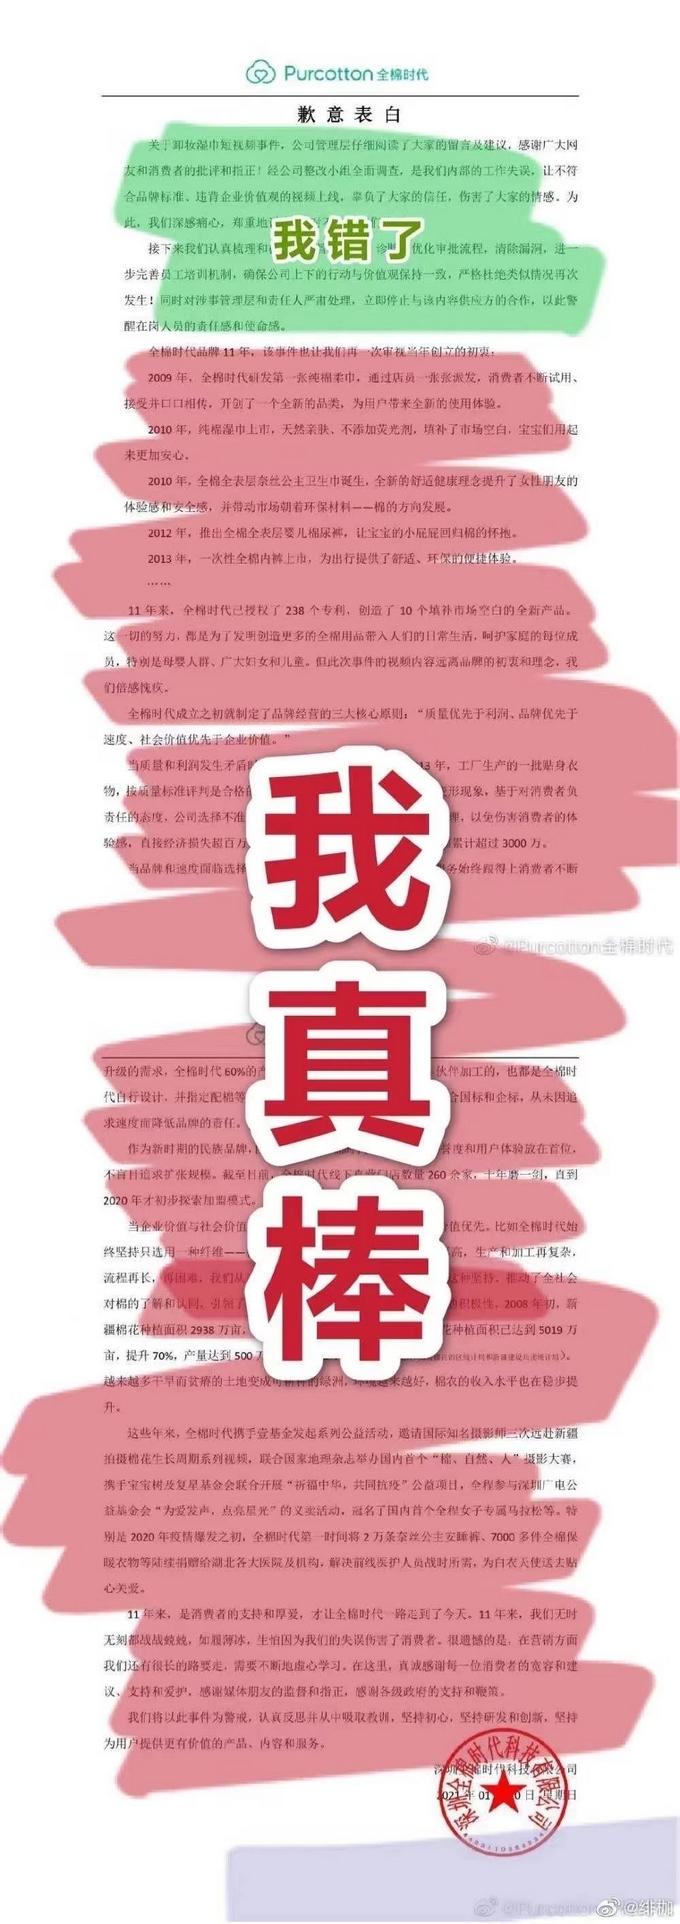 微博网友对全棉时代道歉信的评论截图。